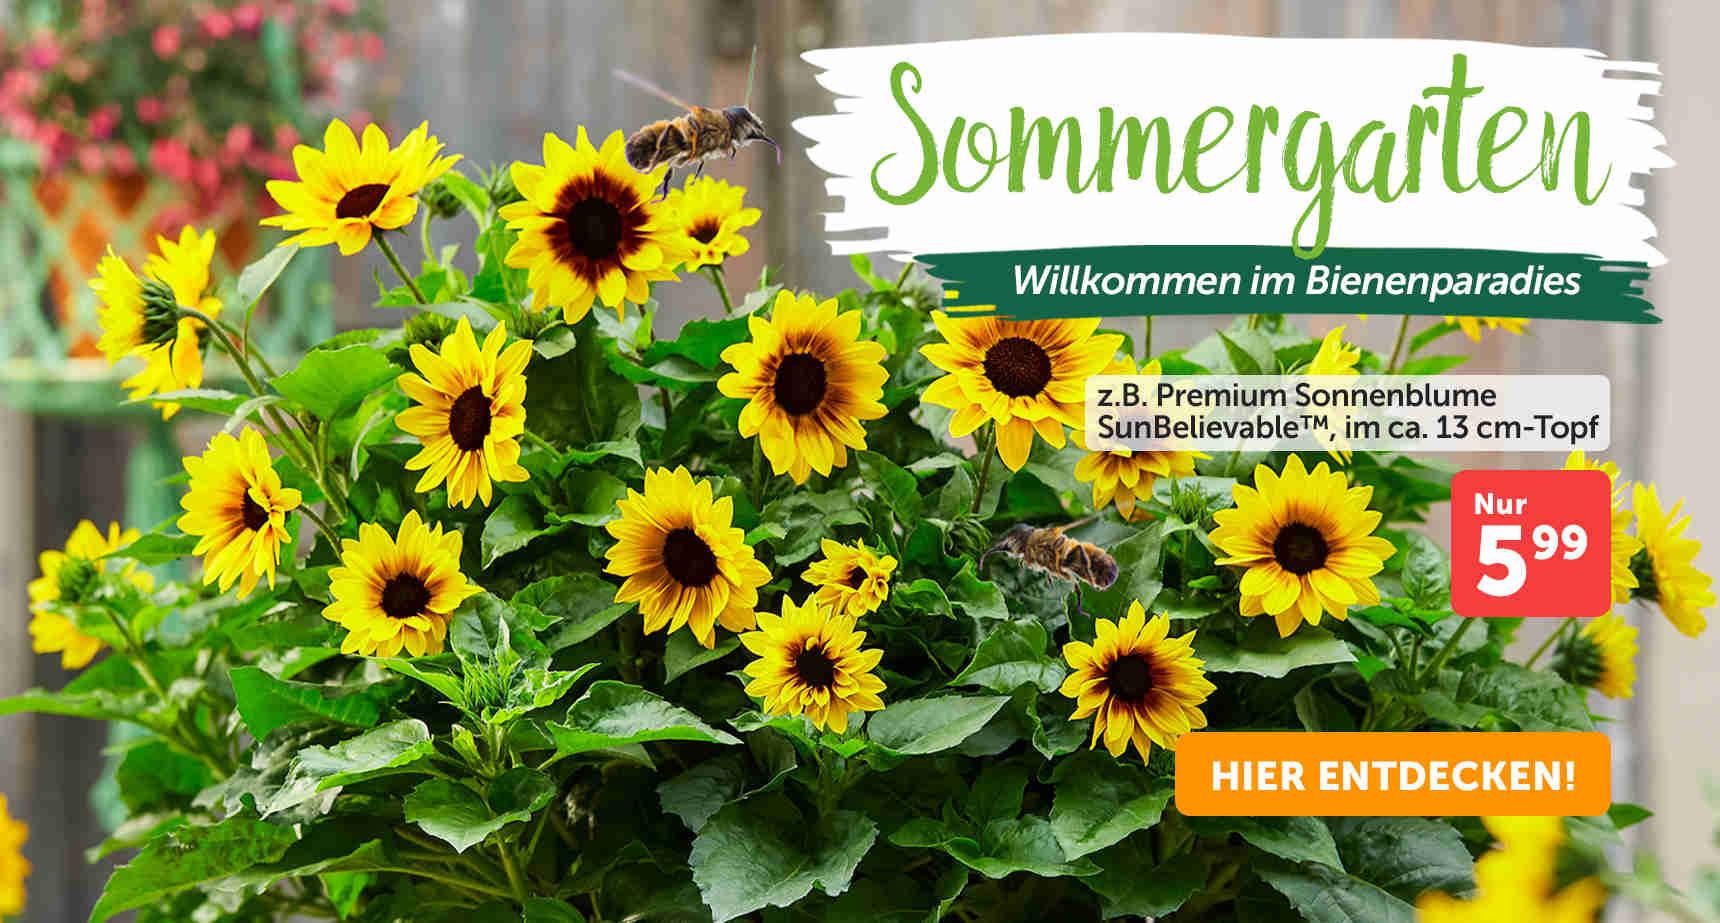 +++ (1) Sommergarten +++ - 3